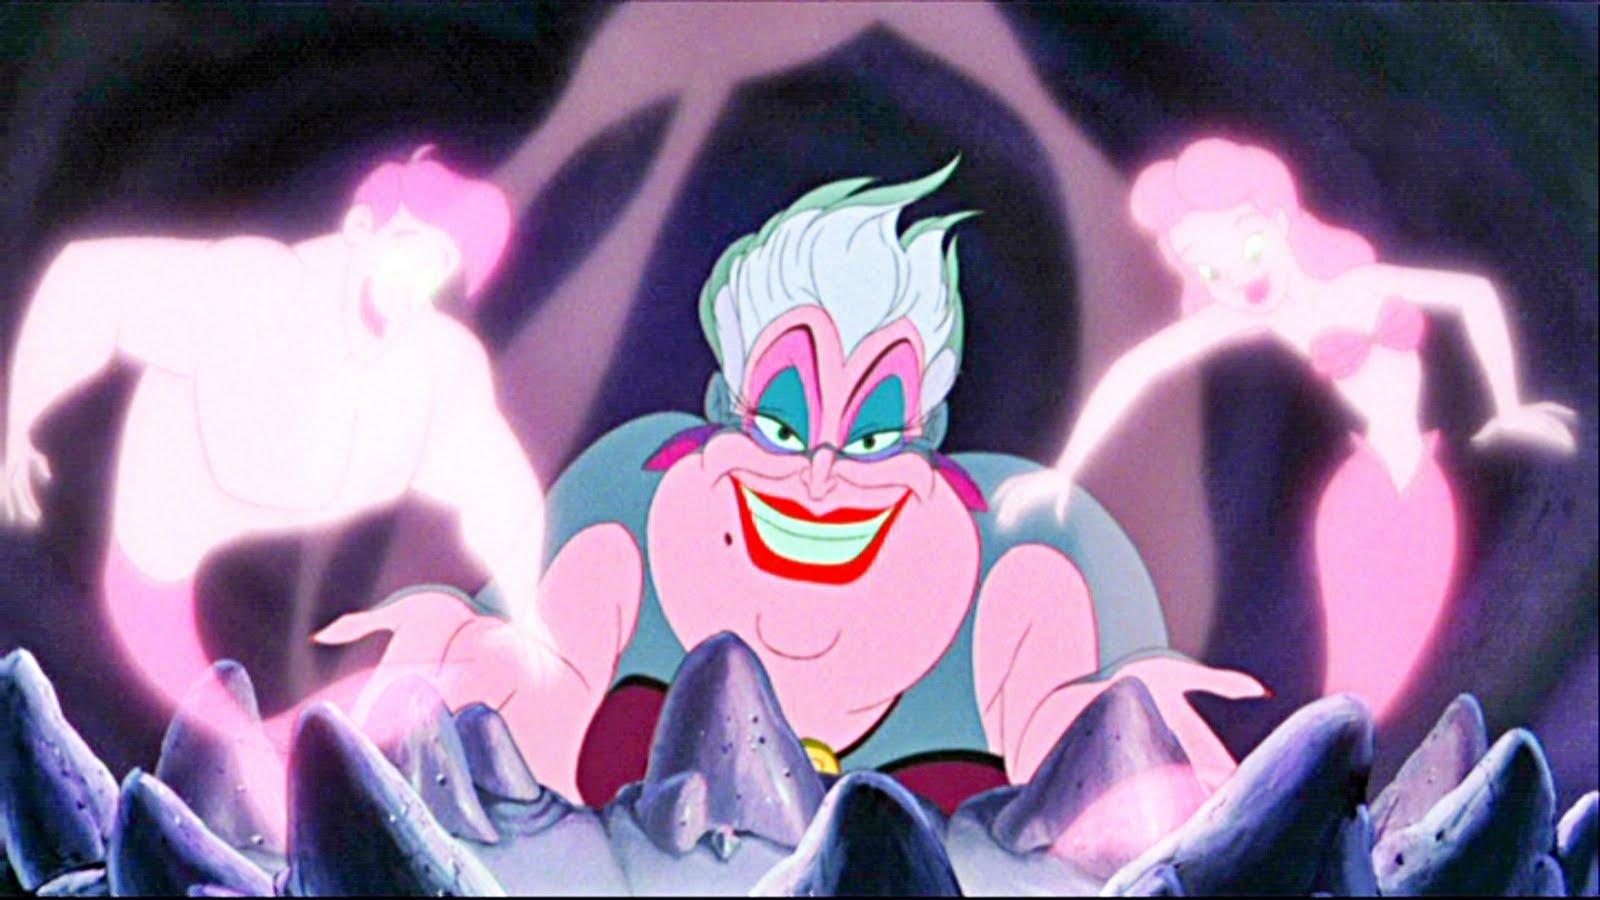 Ursula_poor_unfortunate_souls_little_mermaid.jpg